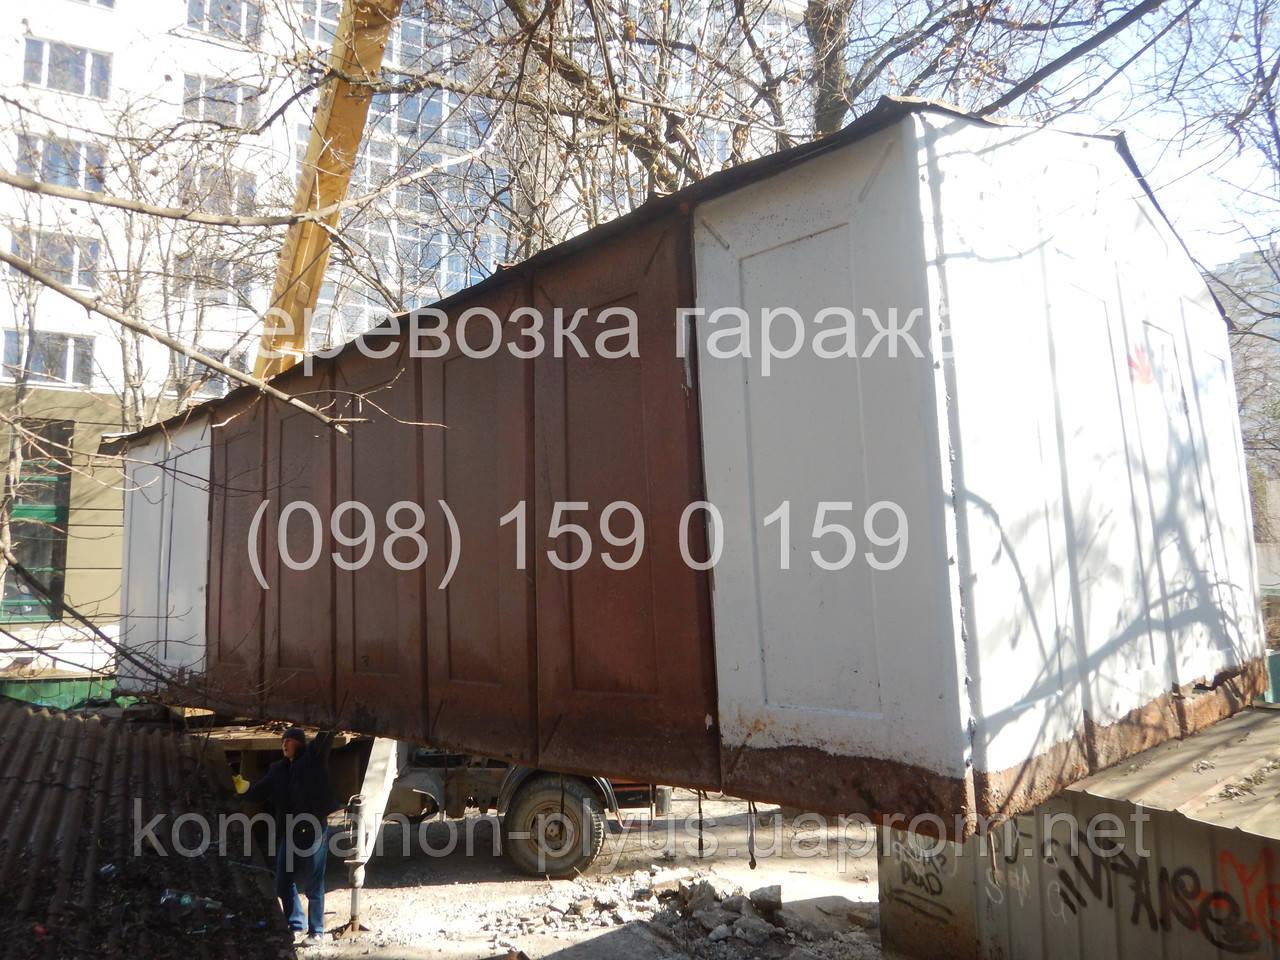 Перевезення гаража (098) 159 159 0